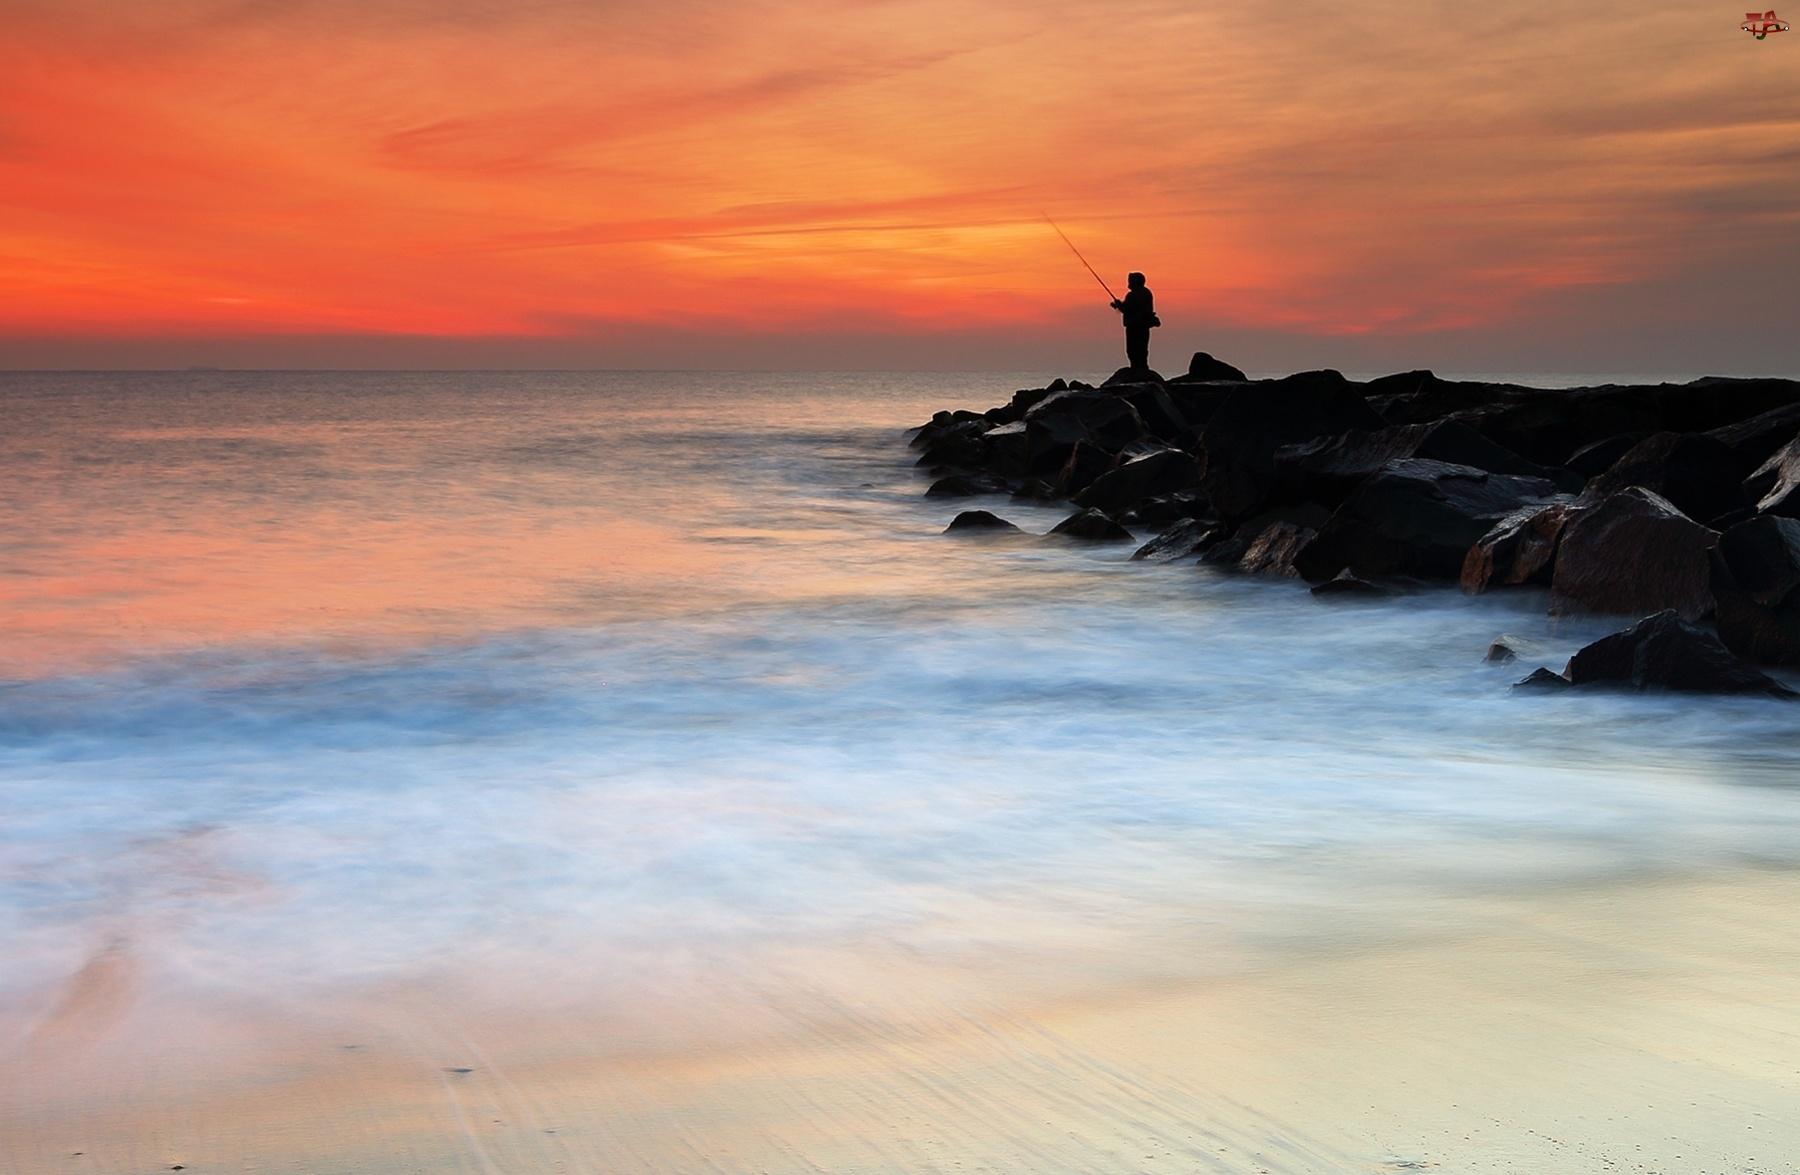 Morze, Wędkarz